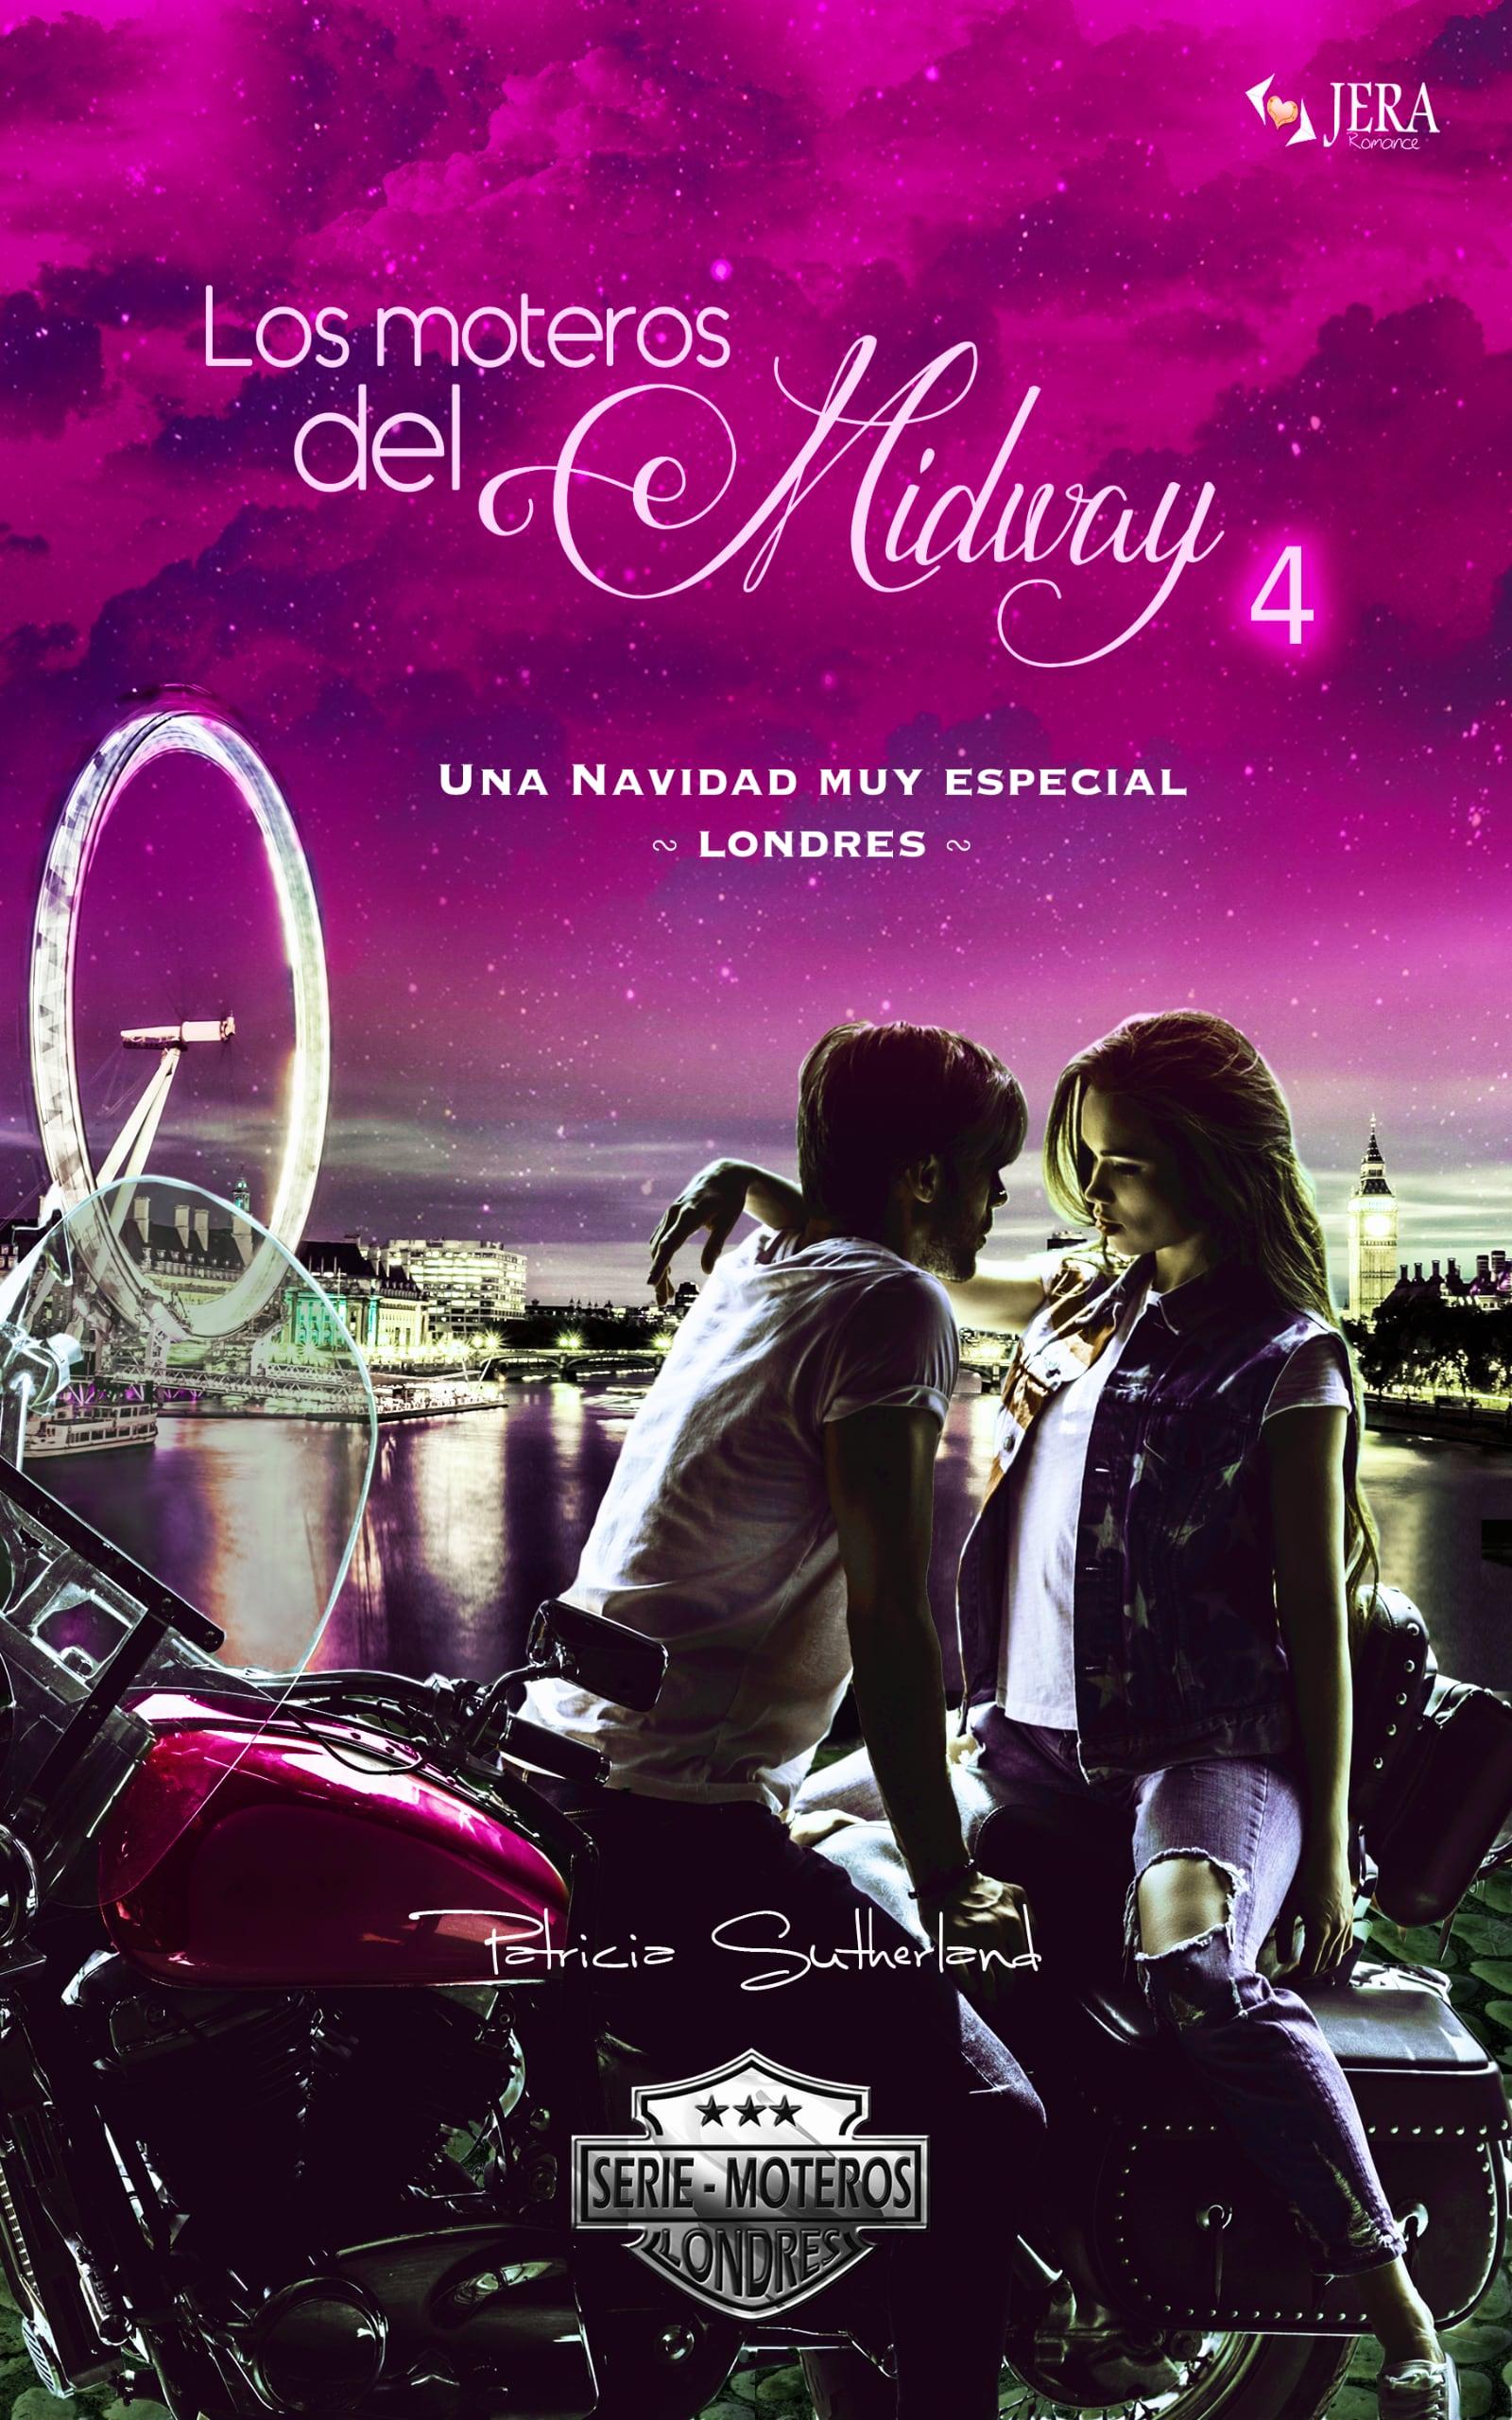 Los moteros del MidWay, 4. Extras Serie Moteros, 10